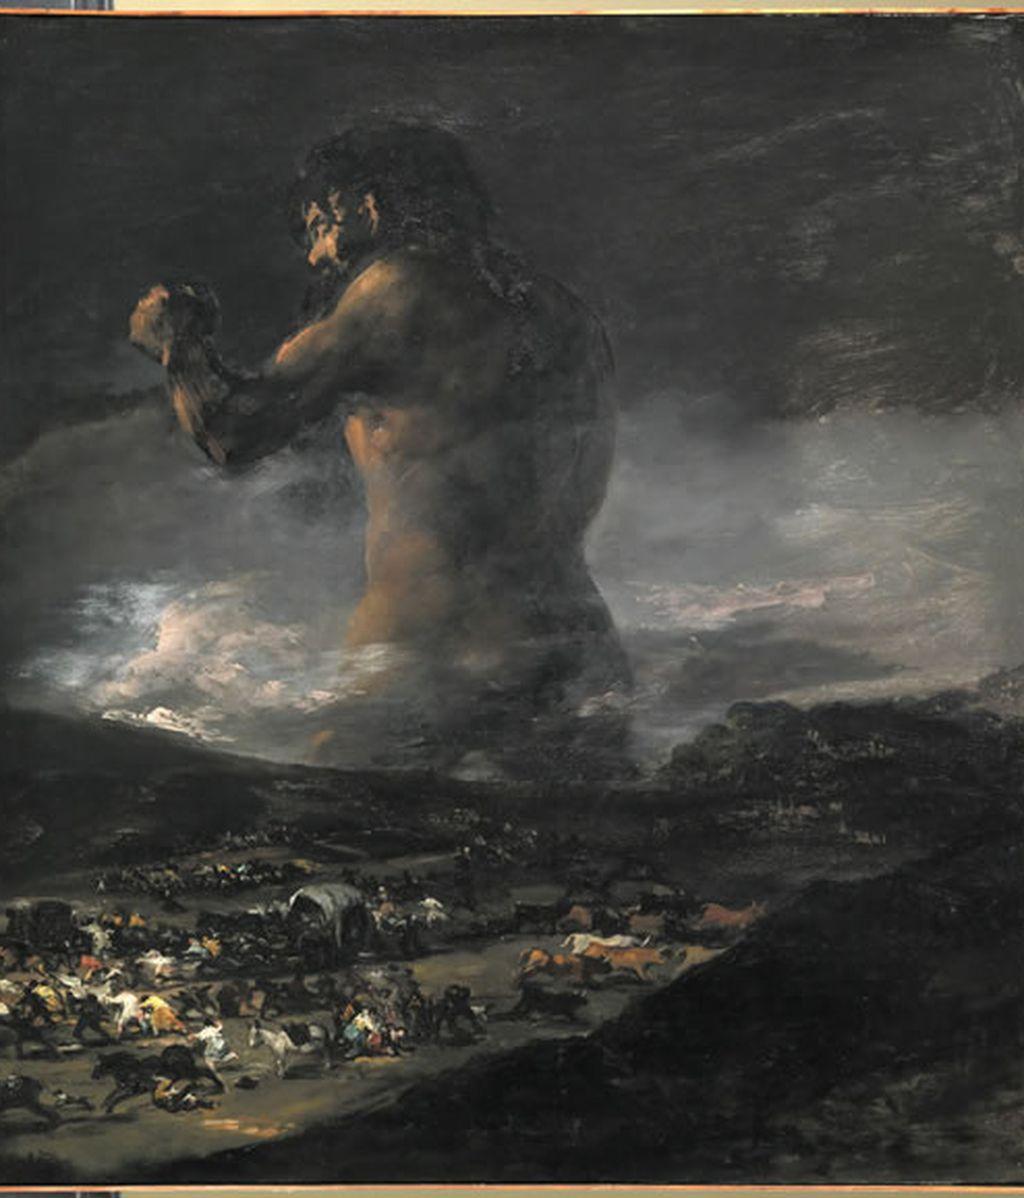 El Coloso no fue pintado por Goya. Vídeo: Atlas